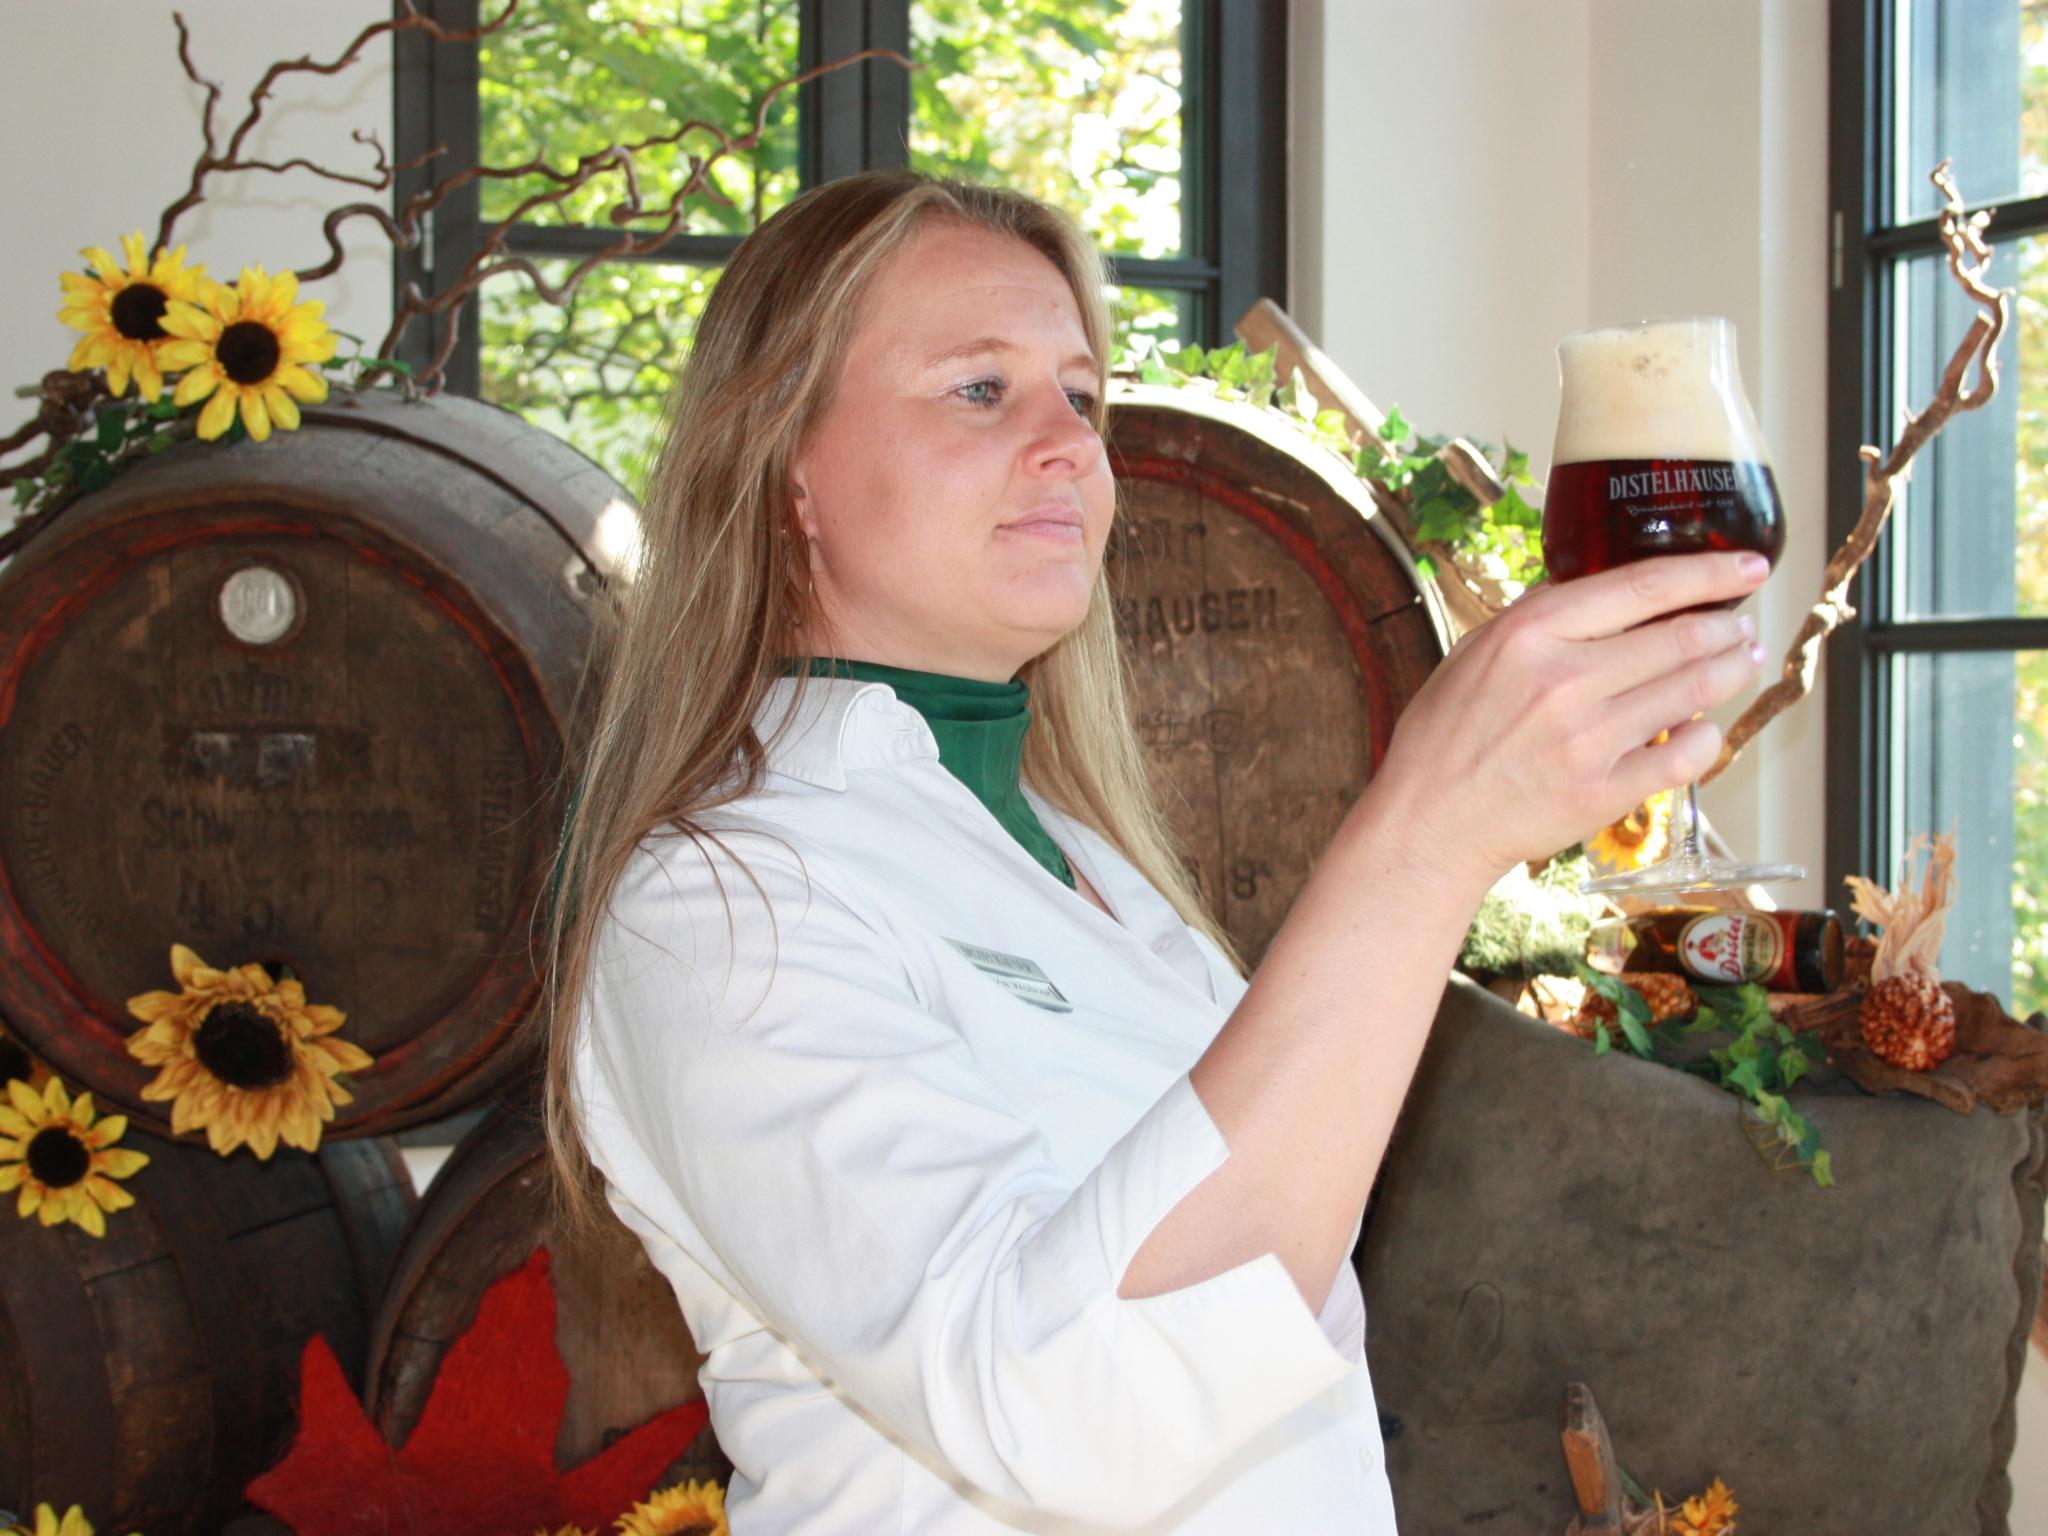 Distelhäuser_Brauerei